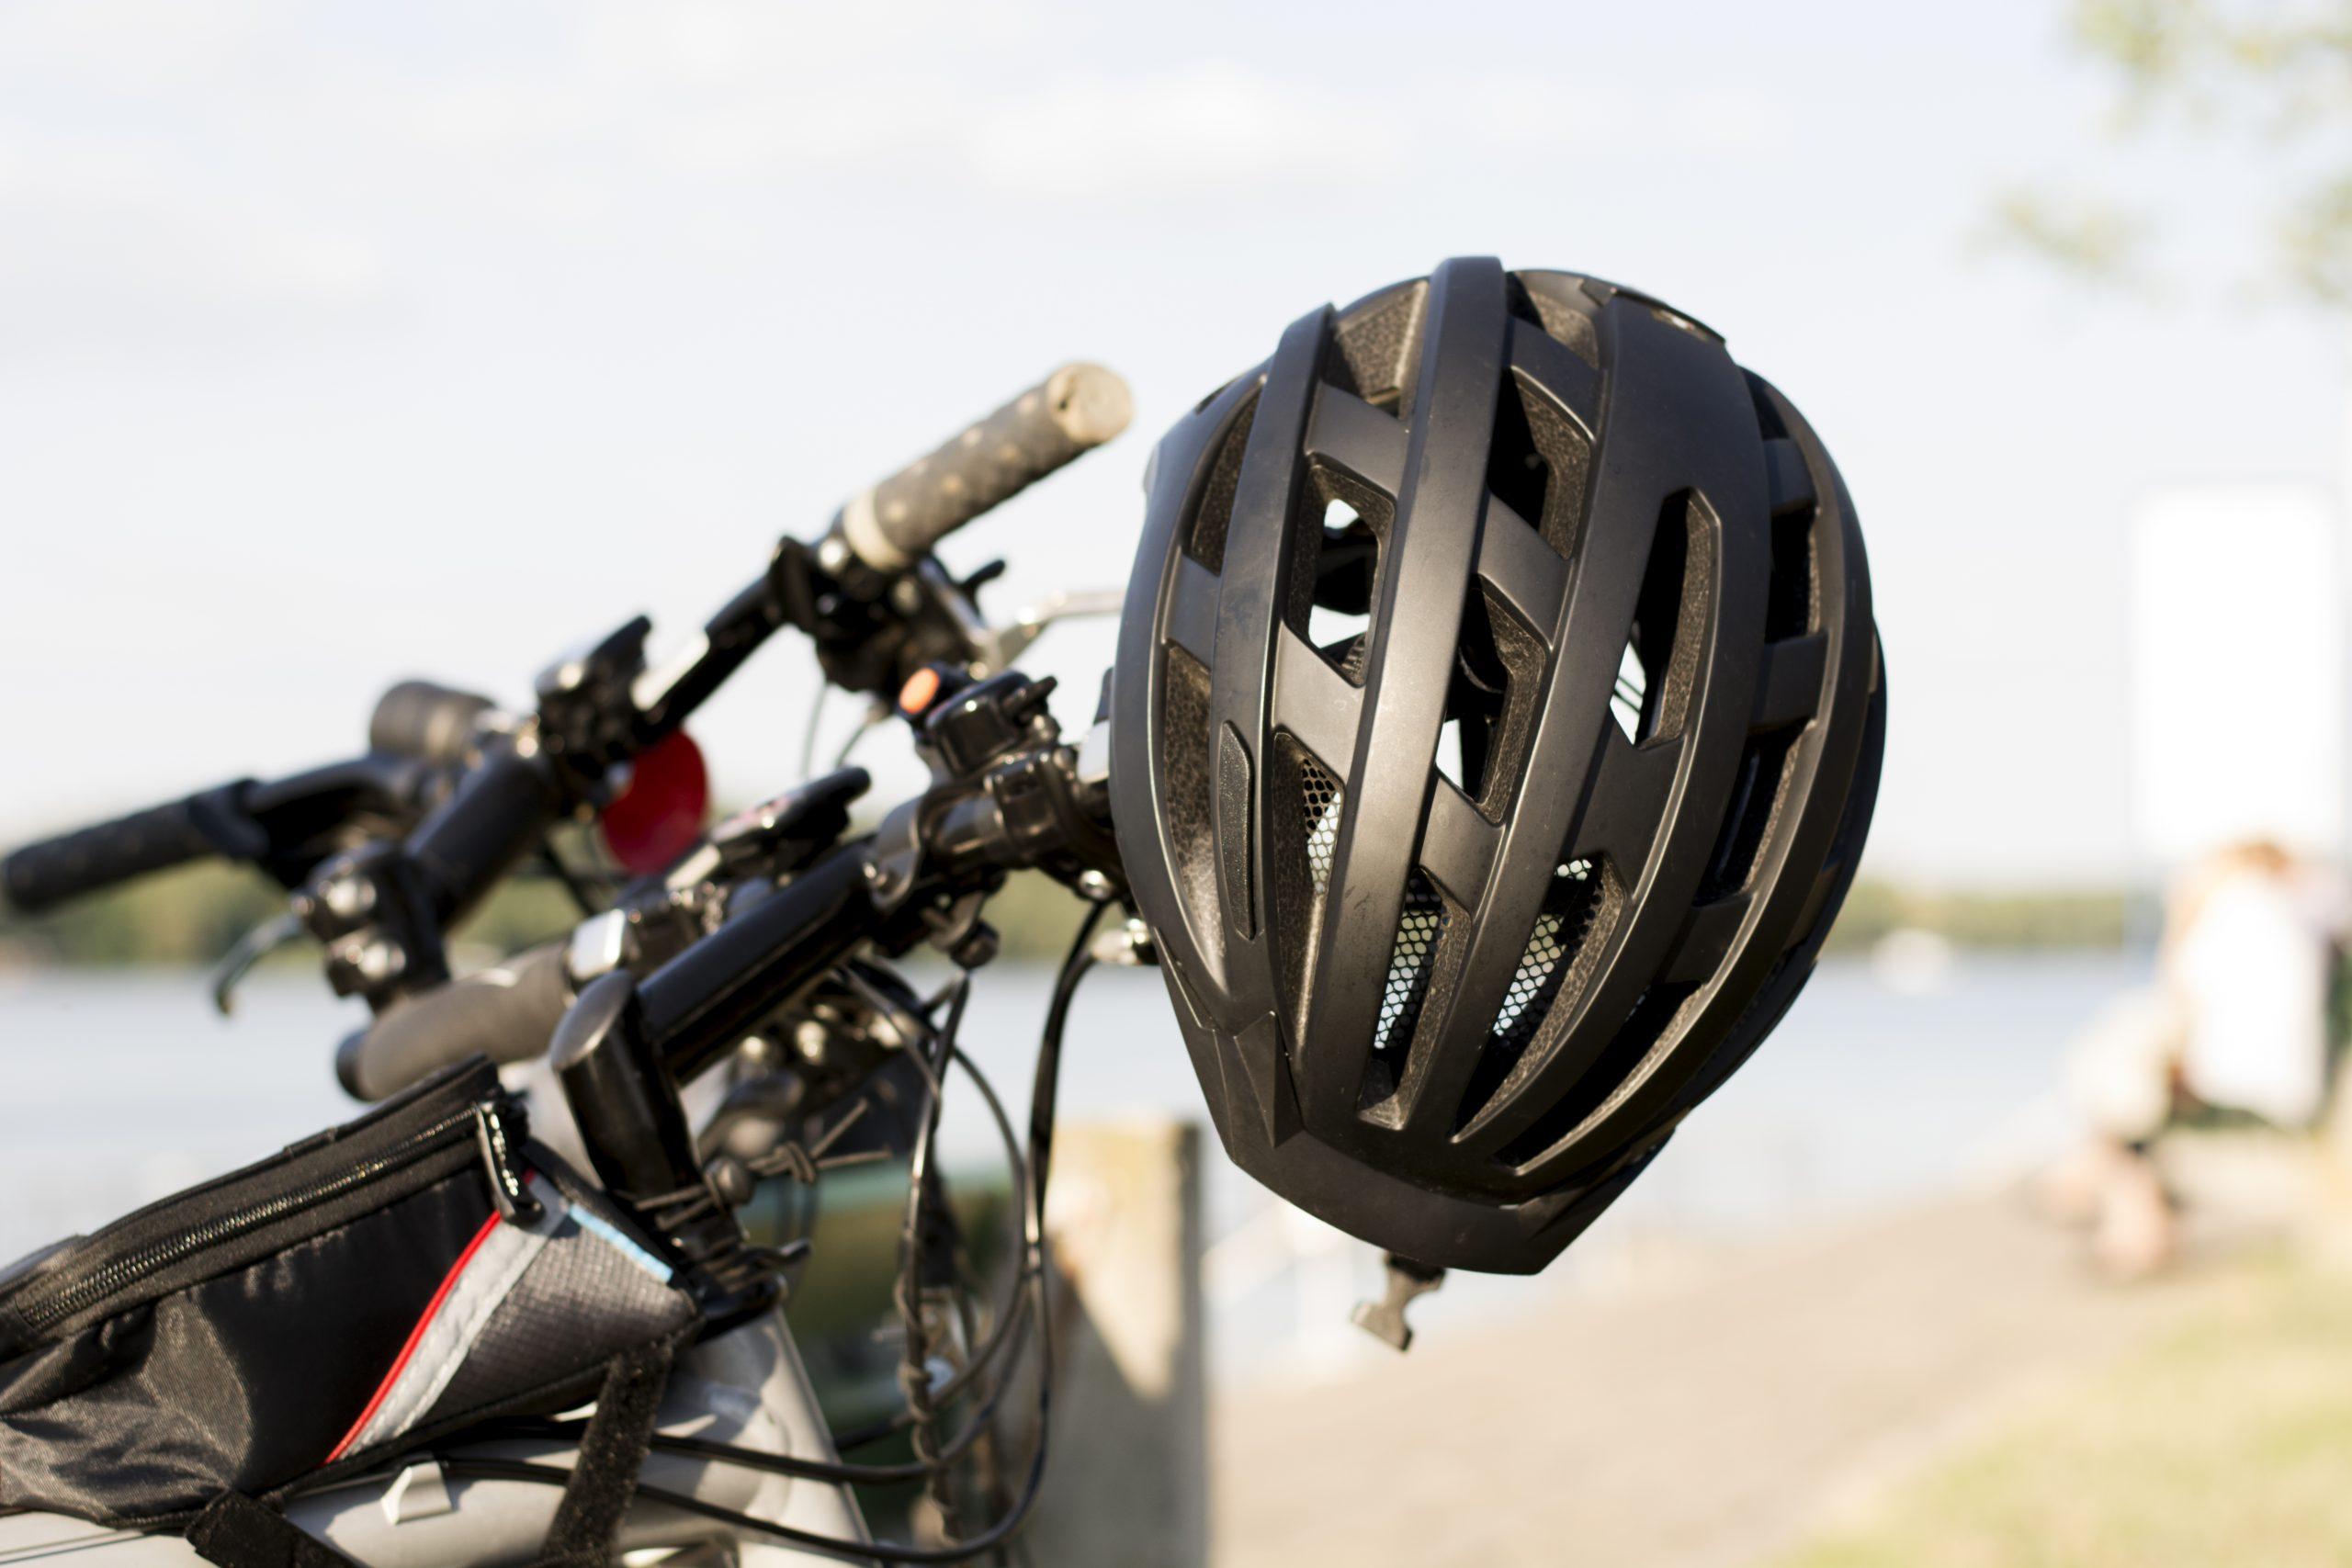 Bike helmet on bicycle